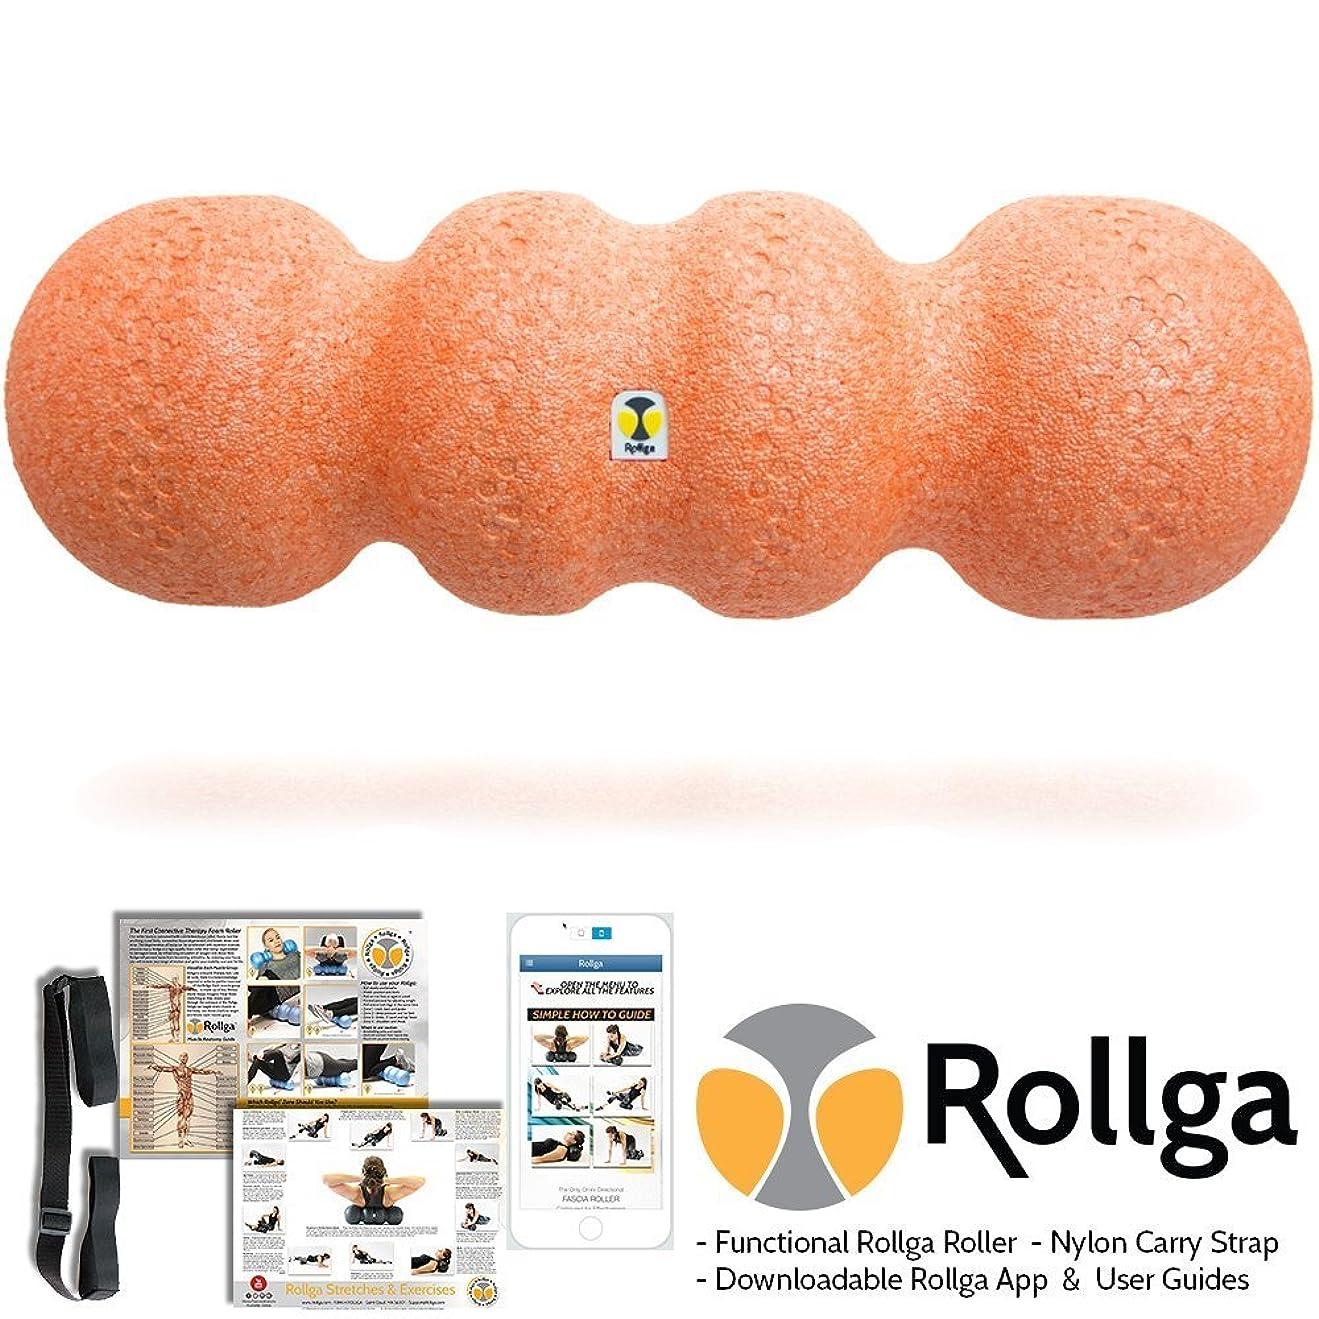 ライオネルグリーンストリート稚魚広告するRollga Sunrise 46cm Orange Foam Roller High Density Trigger Point Roller and Self Body Massager Muscle Pain Back Therapy Tool